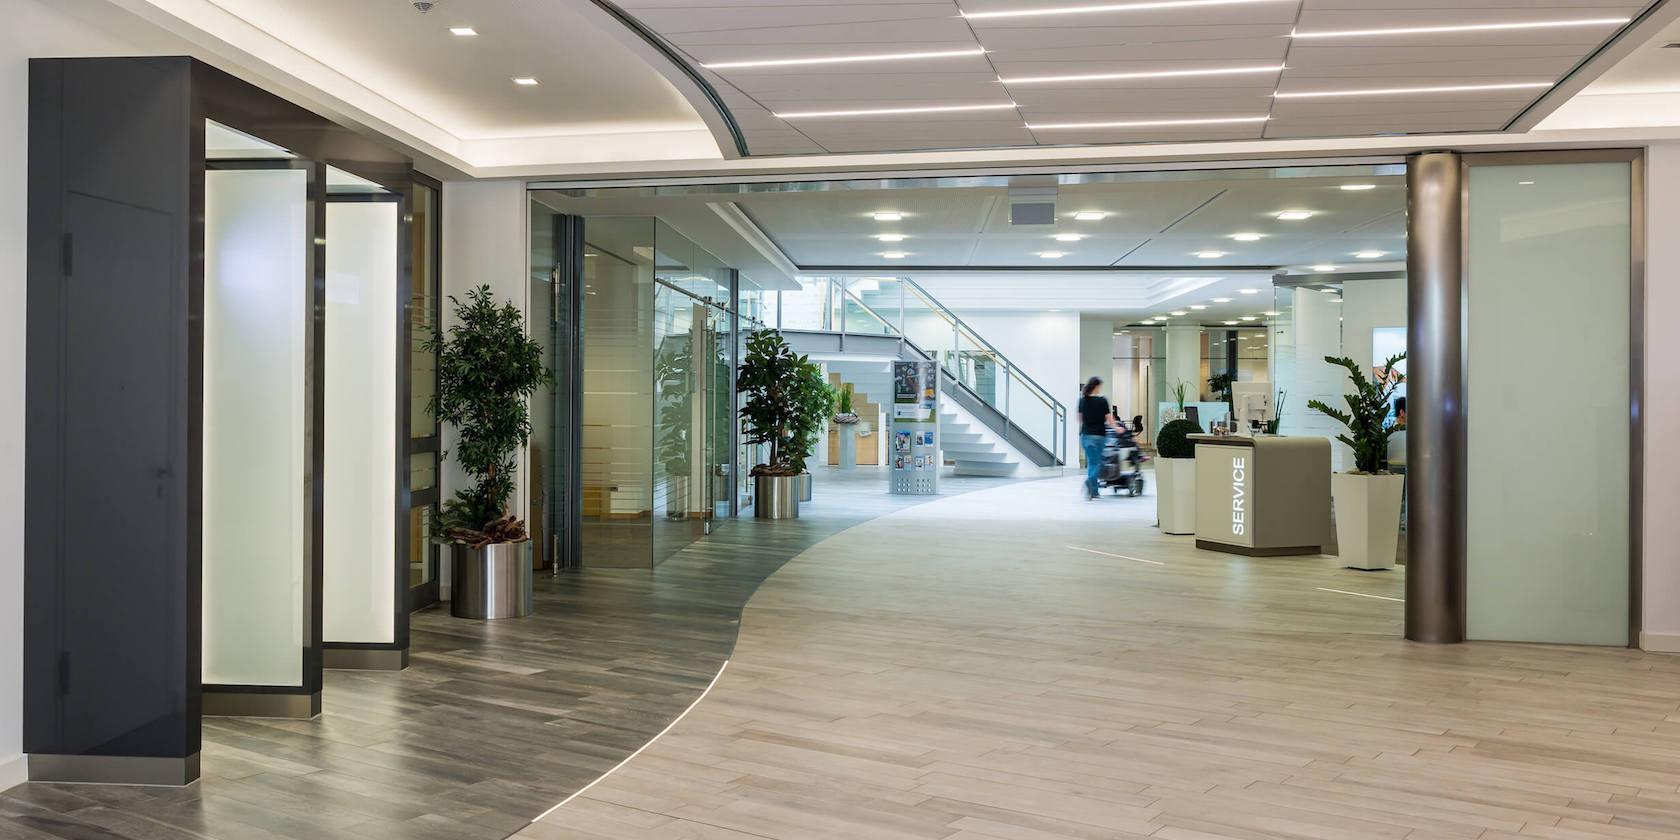 Innenarchitekt für Banken - Volksbank Lingen Eingang